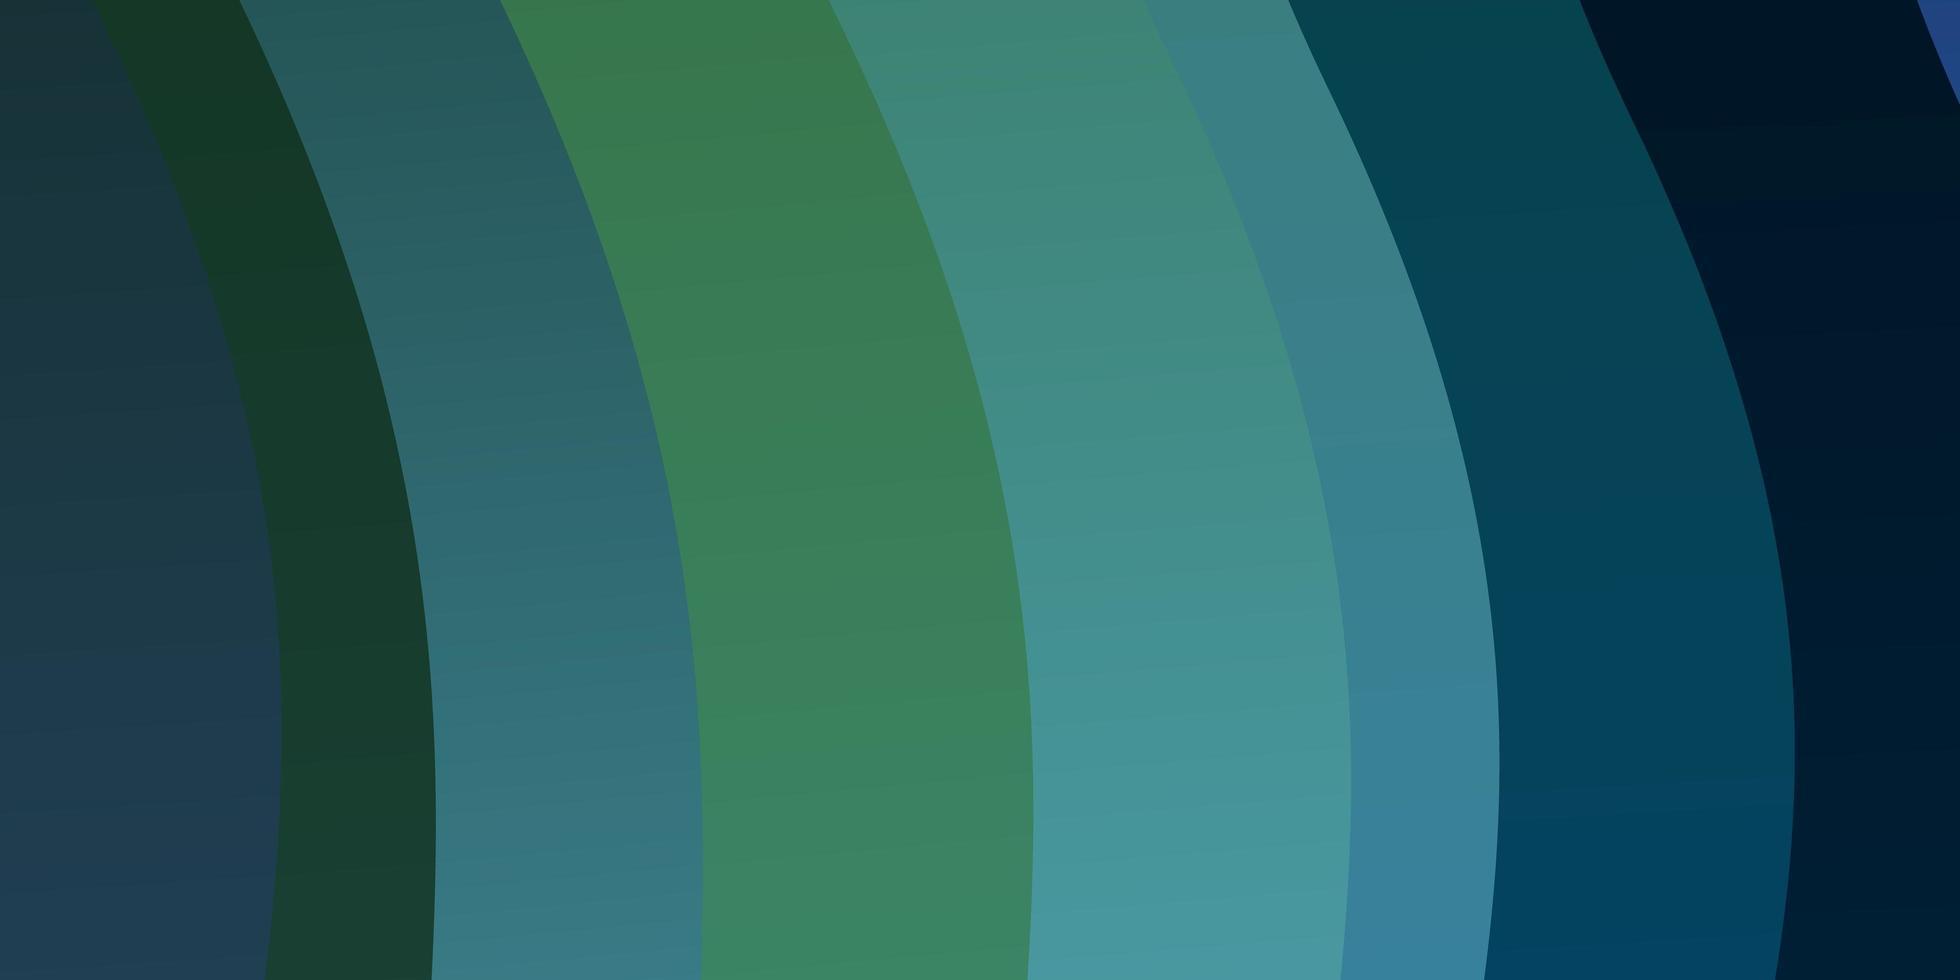 sfondo vettoriale azzurro, verde con fiocchi.